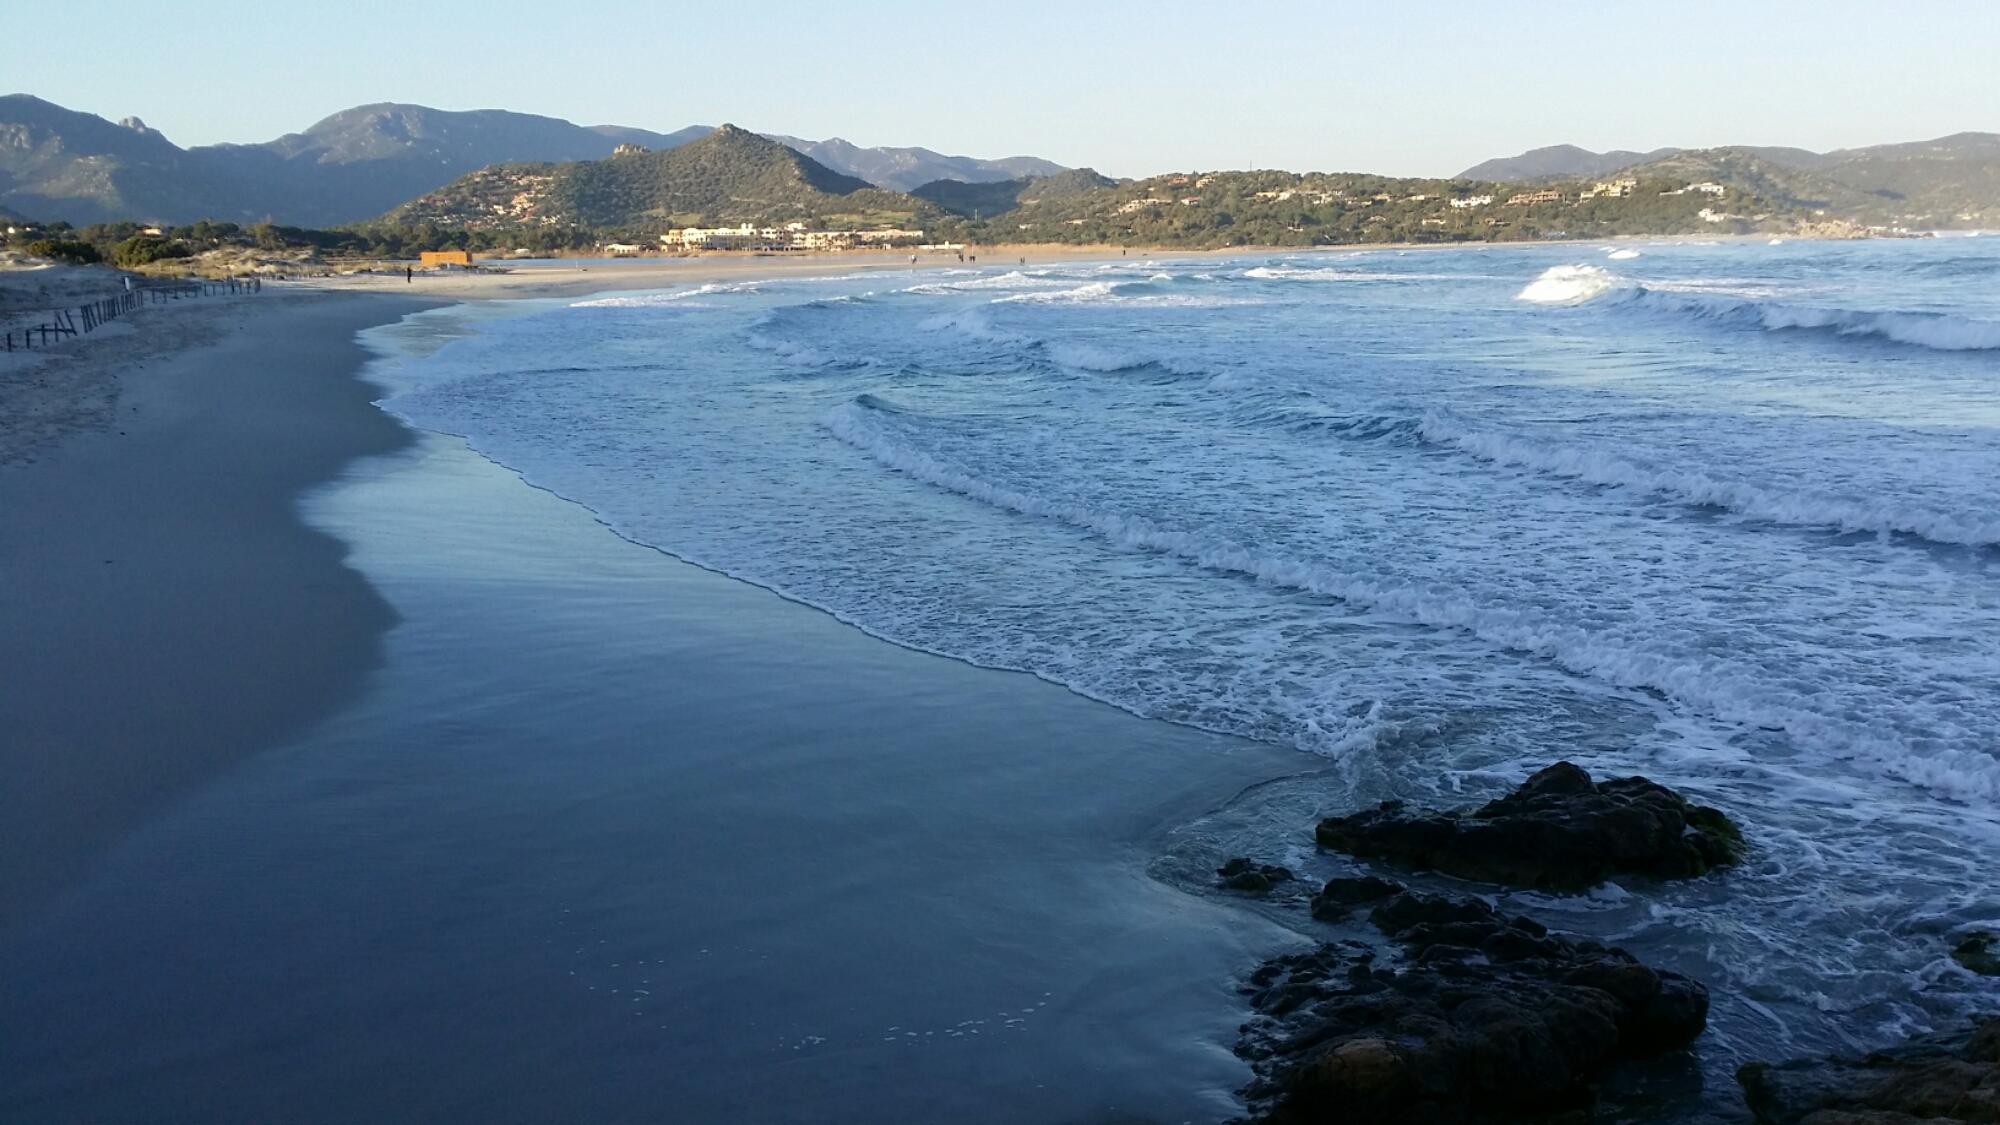 Ieri la neve, oggi splende il sole: questa è la Sardegna.